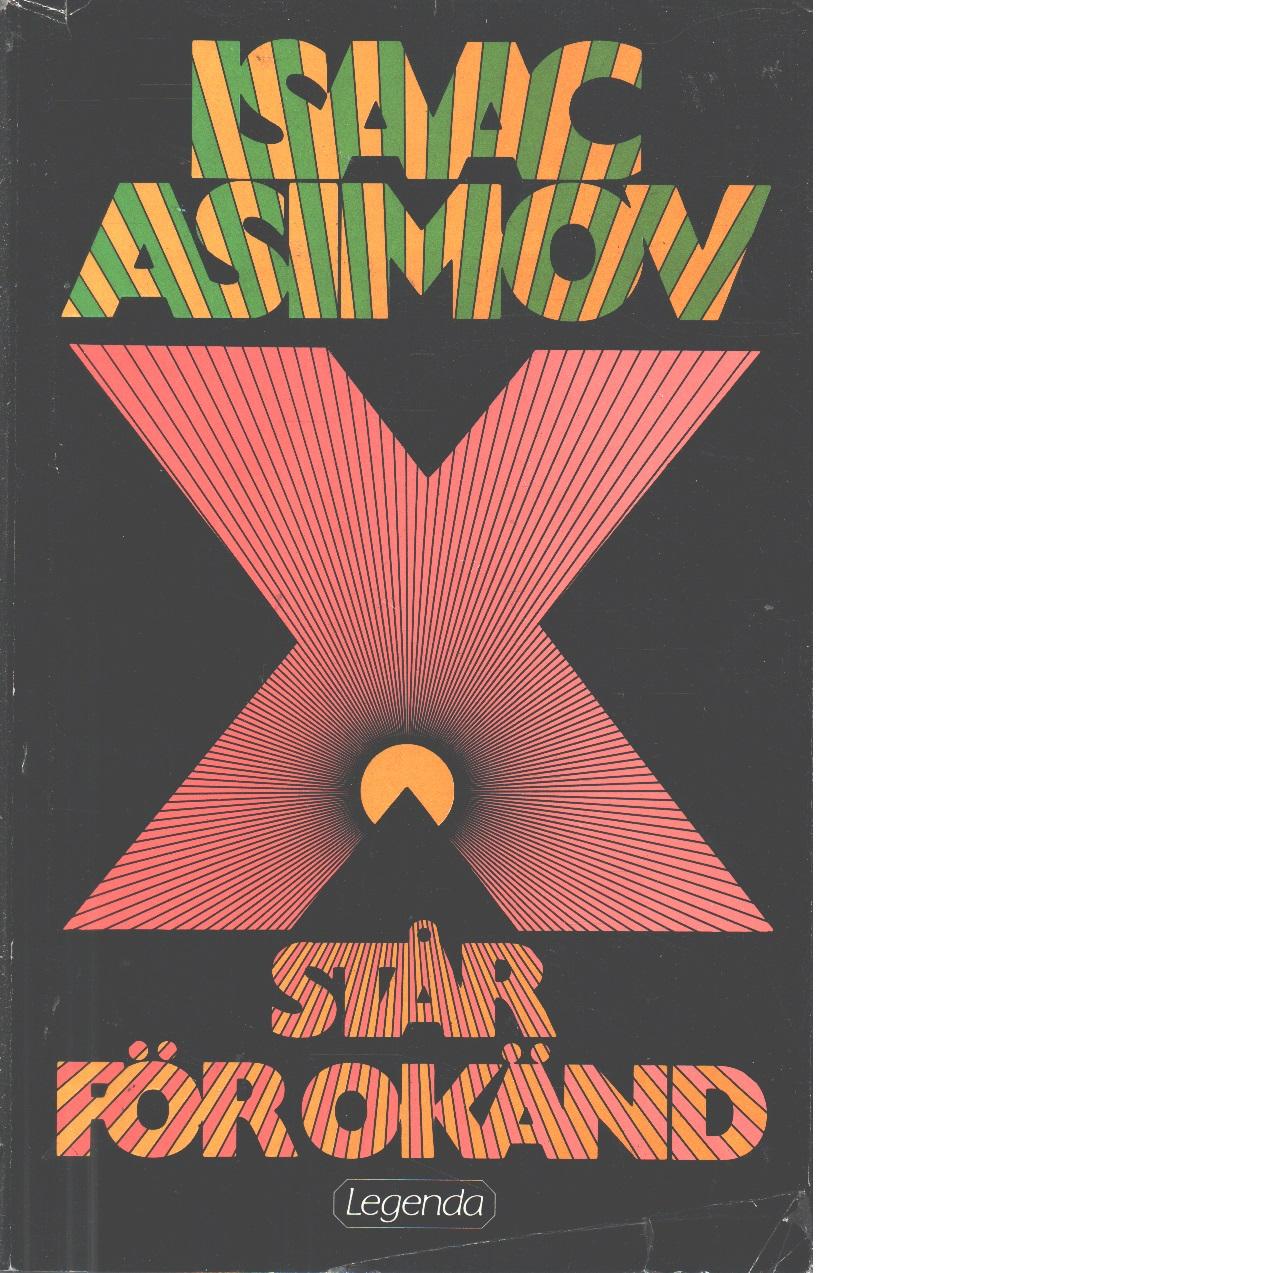 X står för okänd - Asimov, Isaac